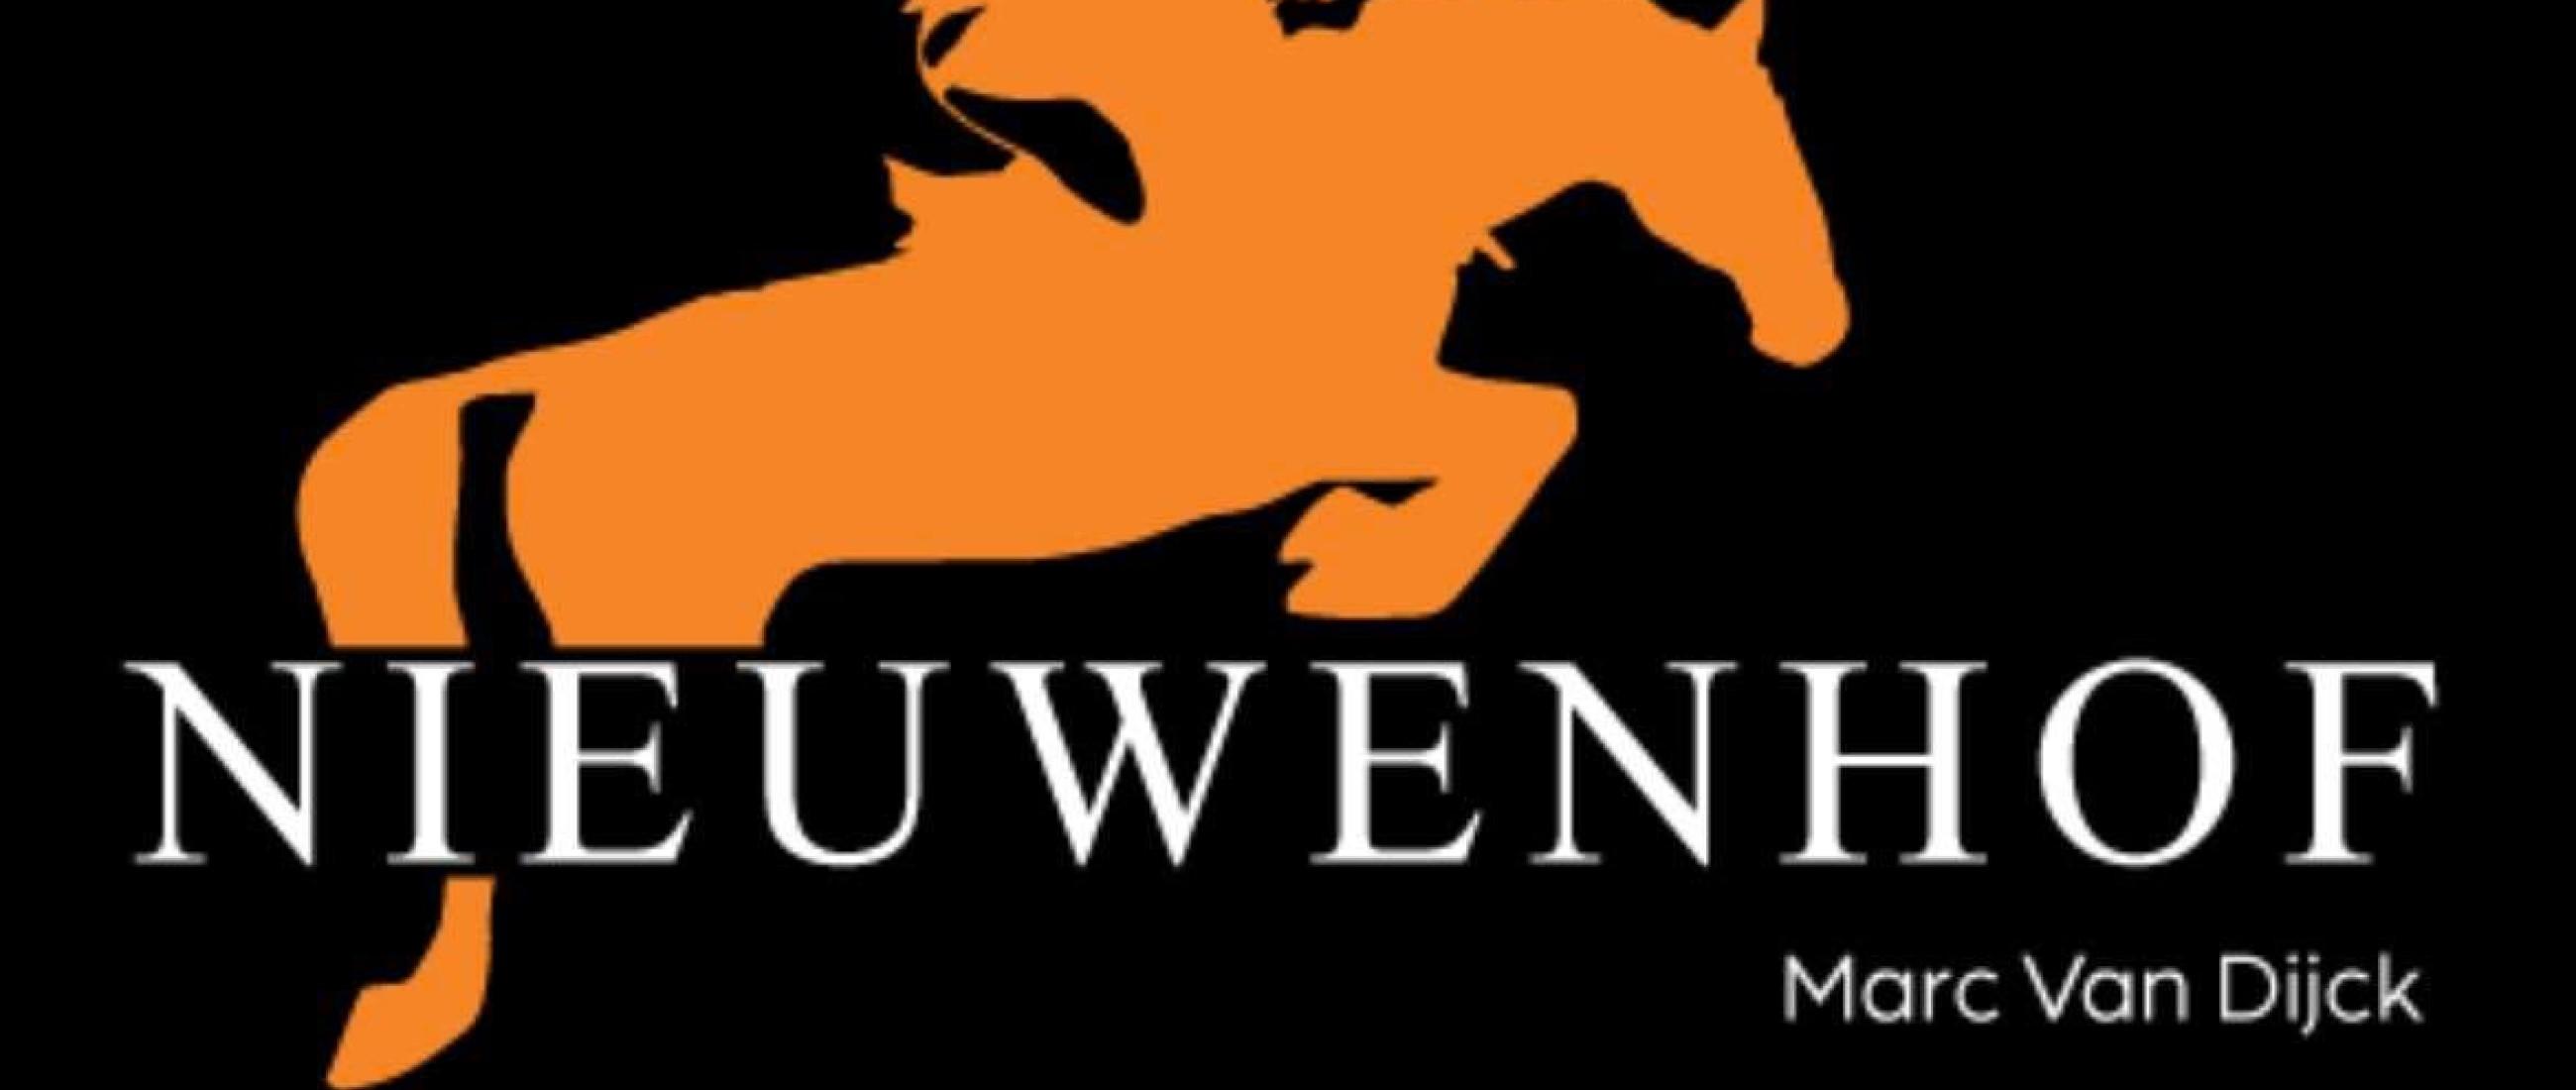 Toscana v/h Nieuwenhof